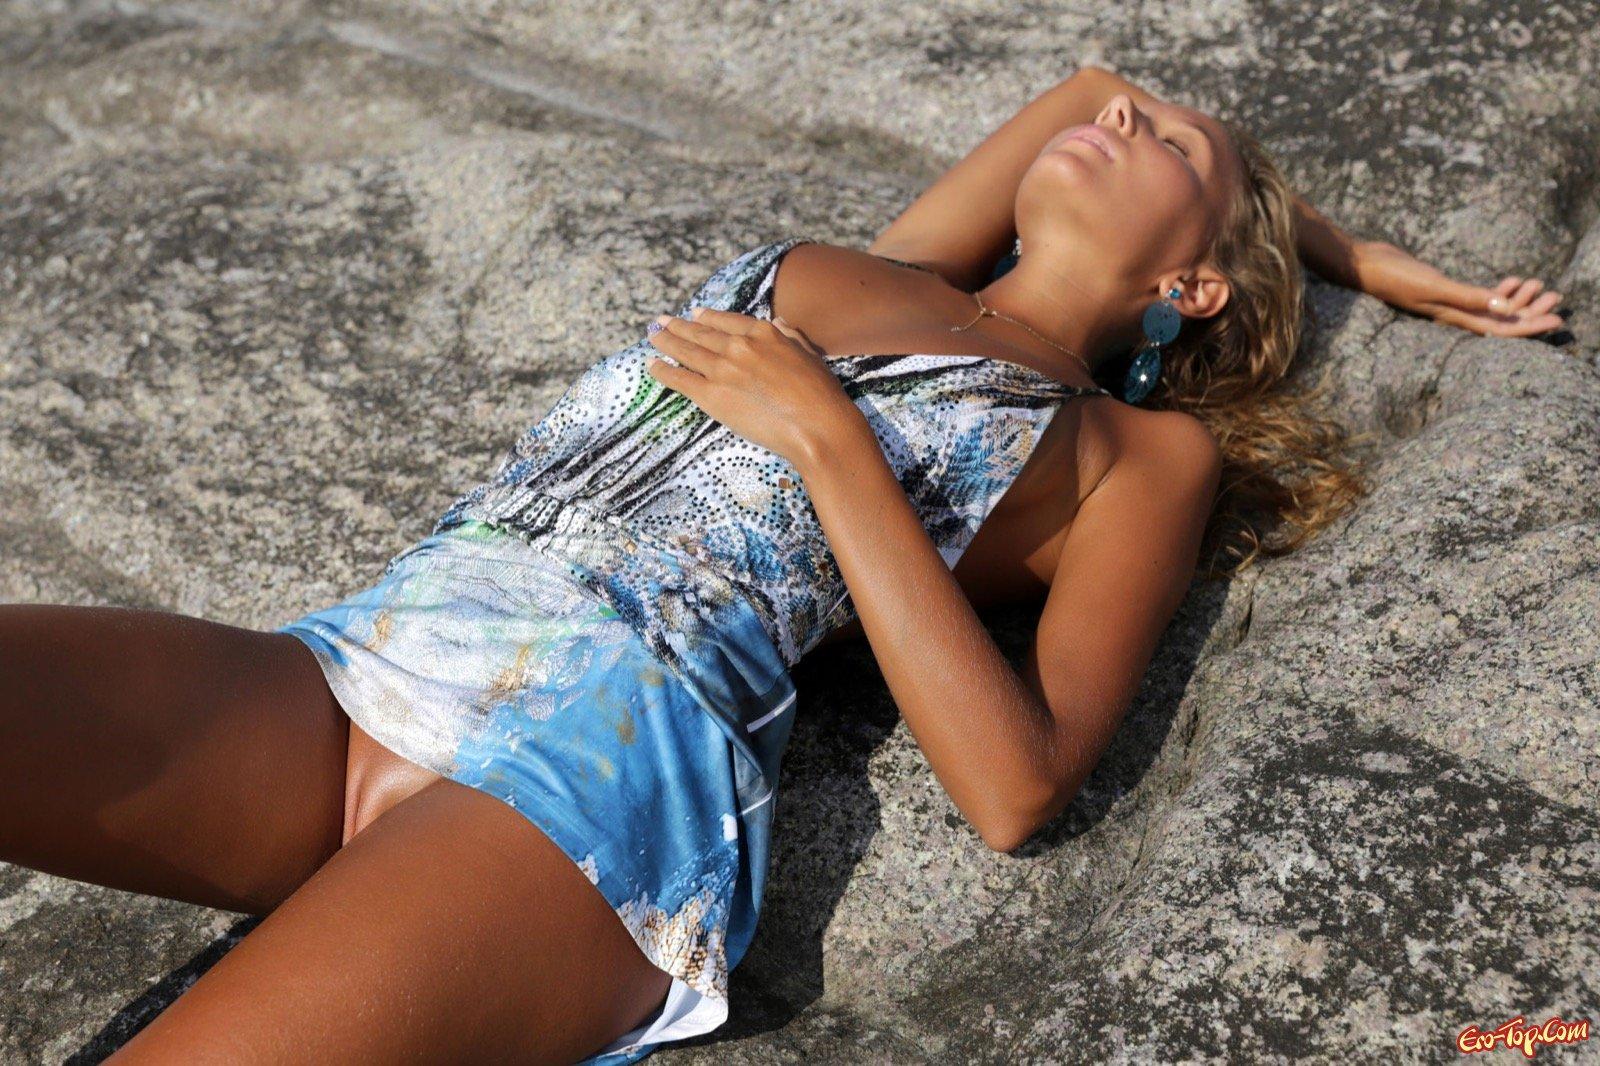 Загорелое возбуждающее тело 18-летней девушки на берегу моря секс фото